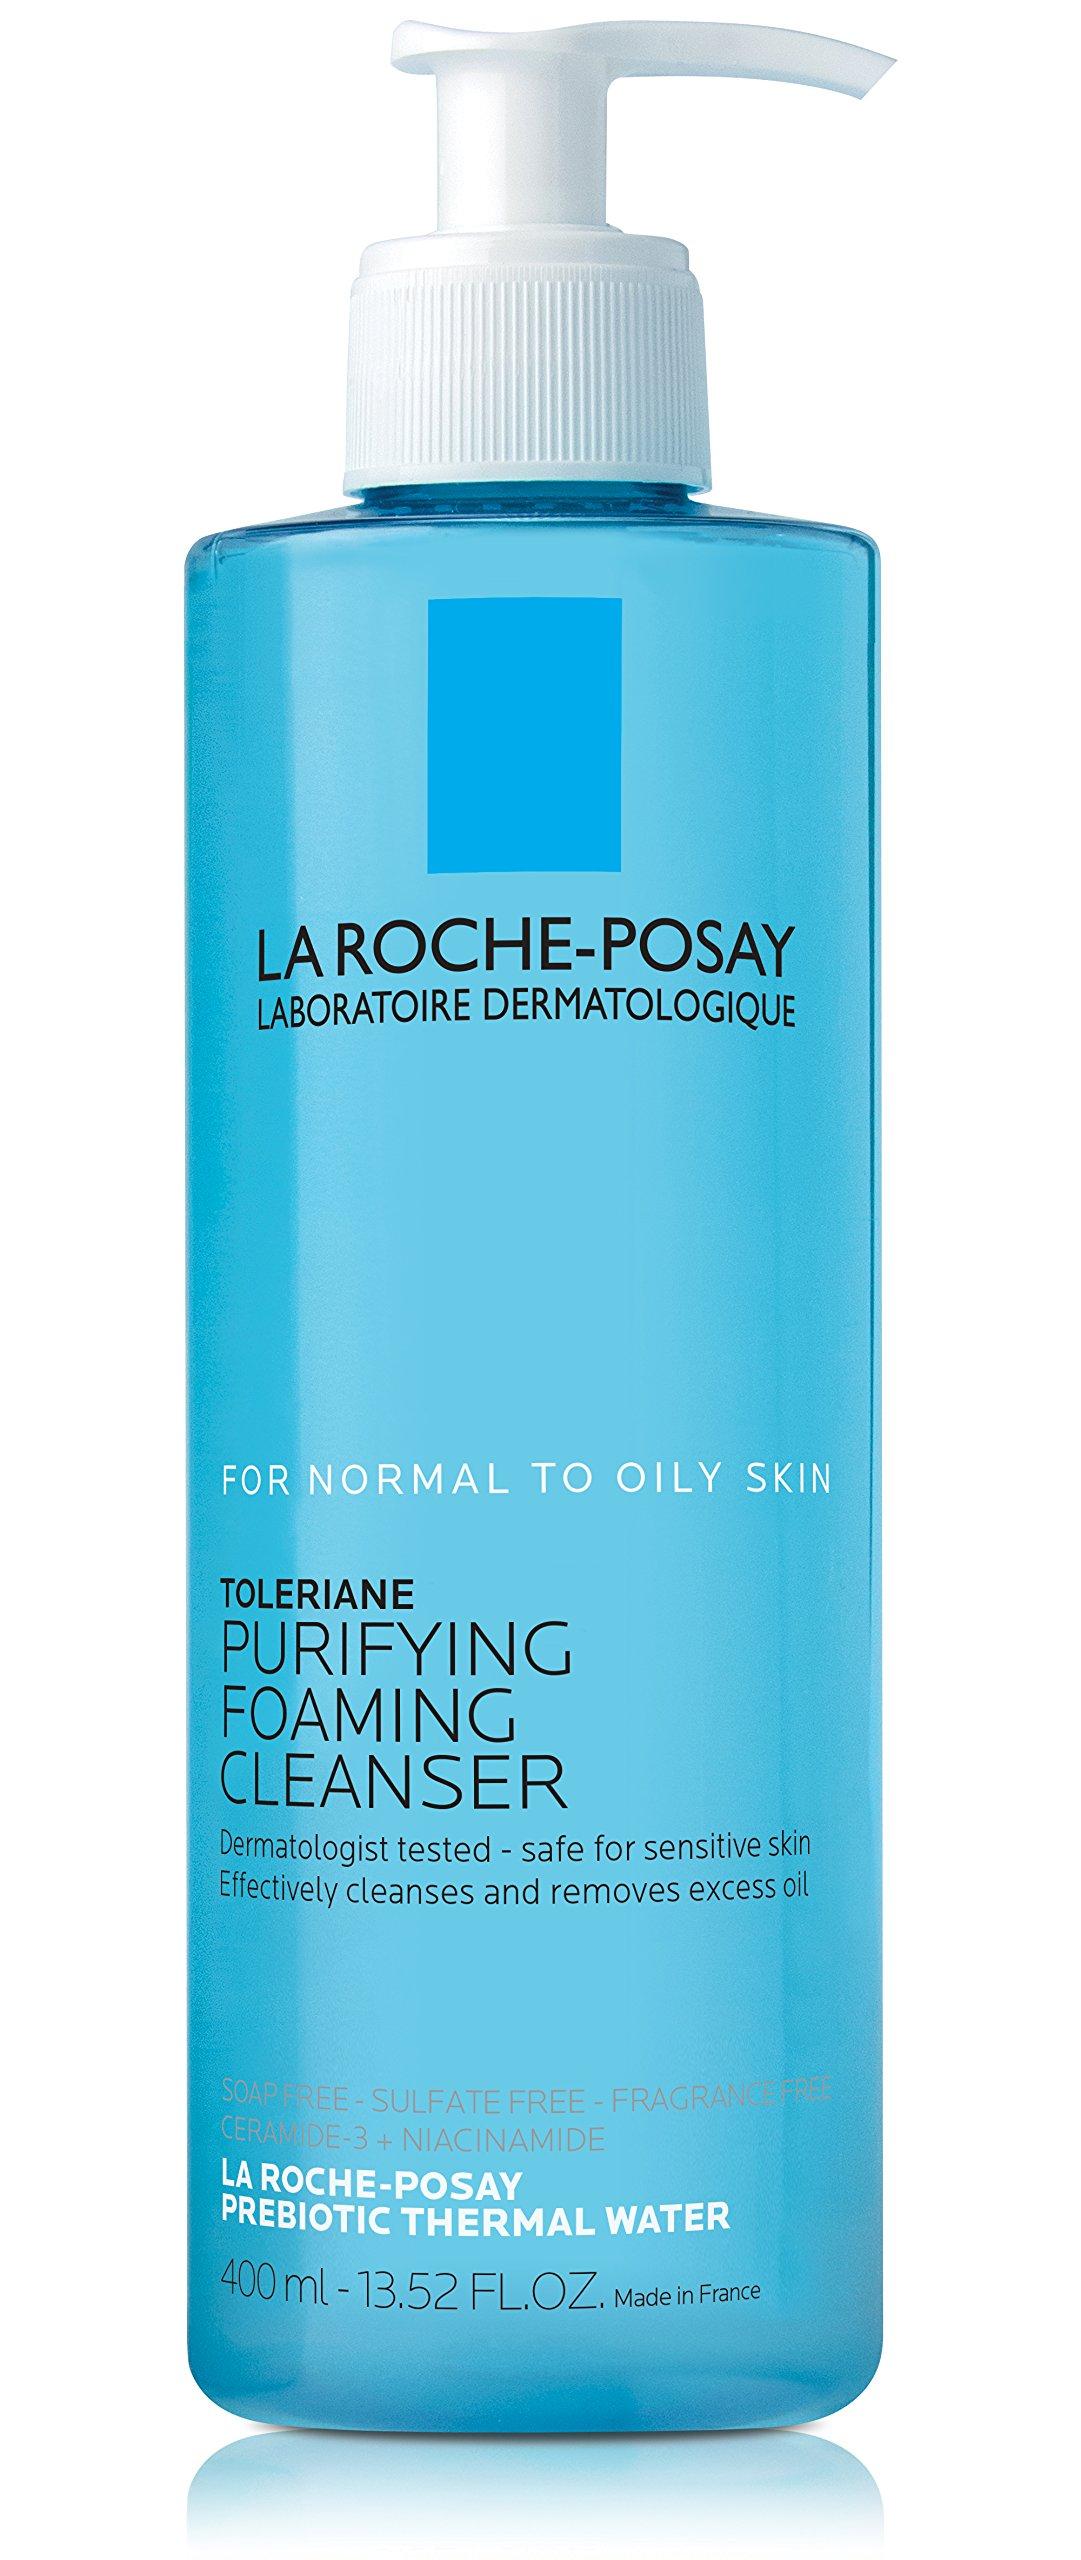 La Roche-Posay Toleriane Face Wash Cleanser, 13.52 Fl. Oz. by La Roche-Posay